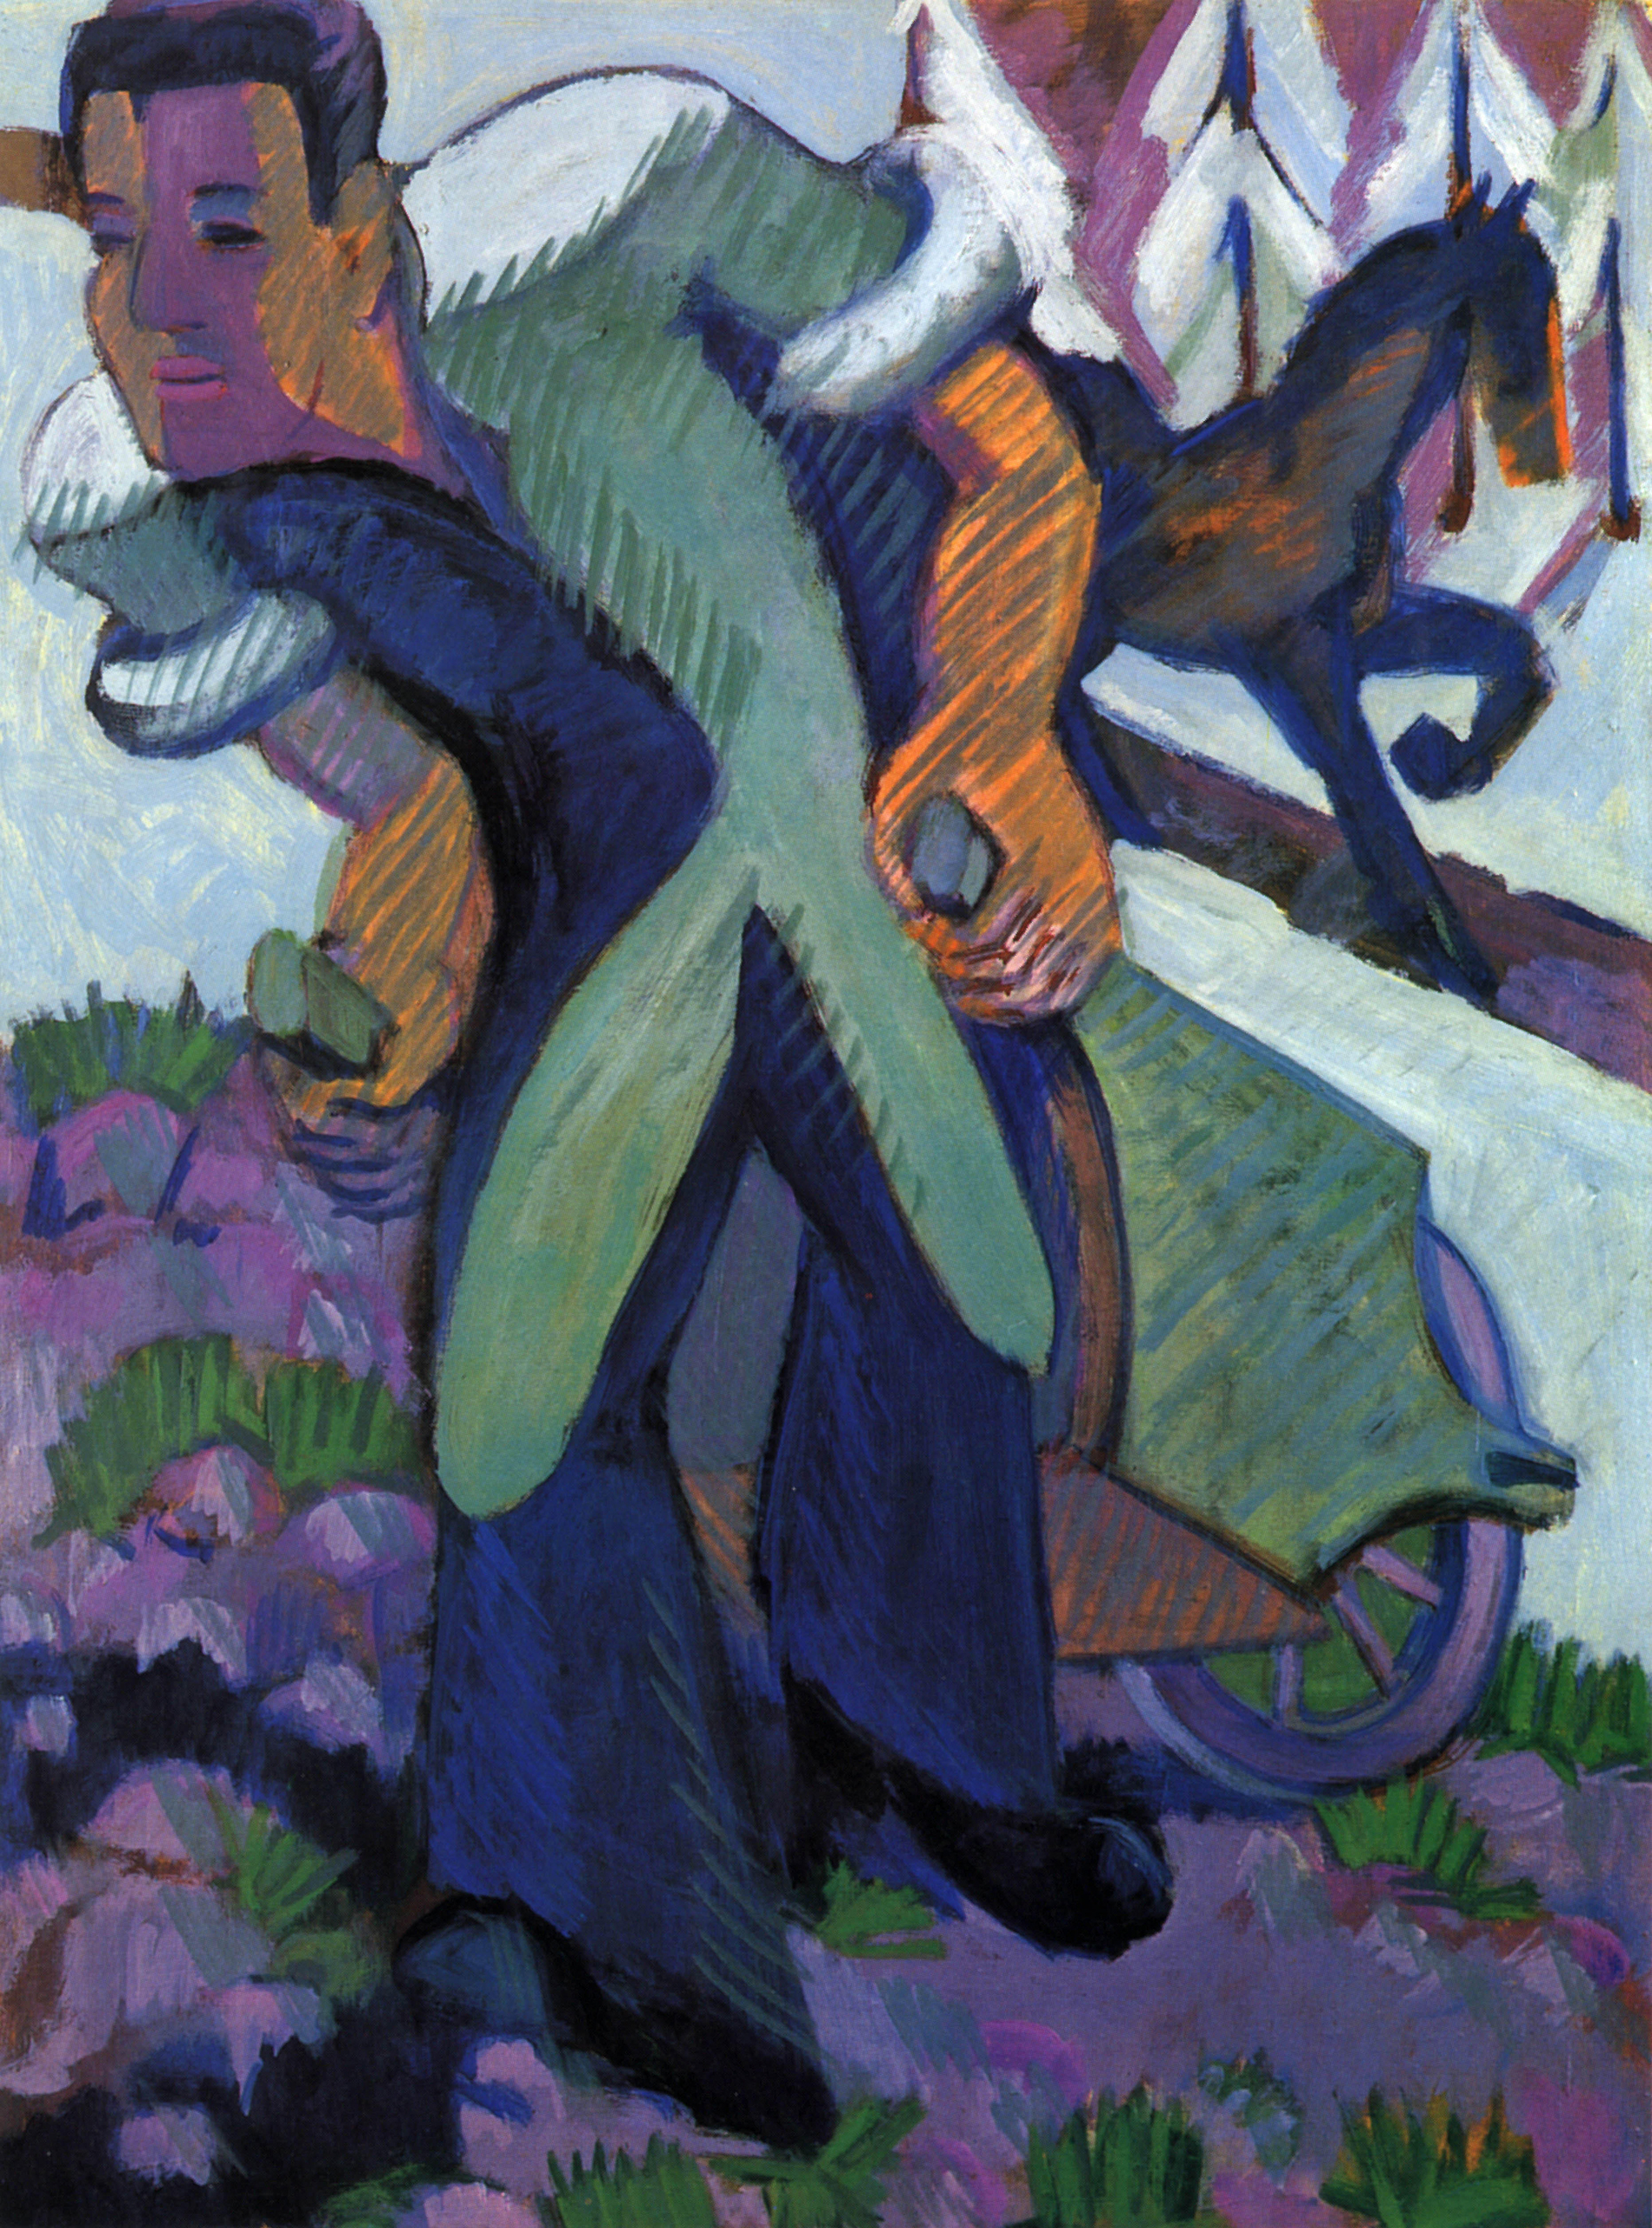 Ernst Ludwig Kirchner, Bauer einen Schubkarren ziehend, 1926-1926/1932, Öl auf Leinwand, Courtesy Galerie Henze & Ketterer, Wichtrach/Bern